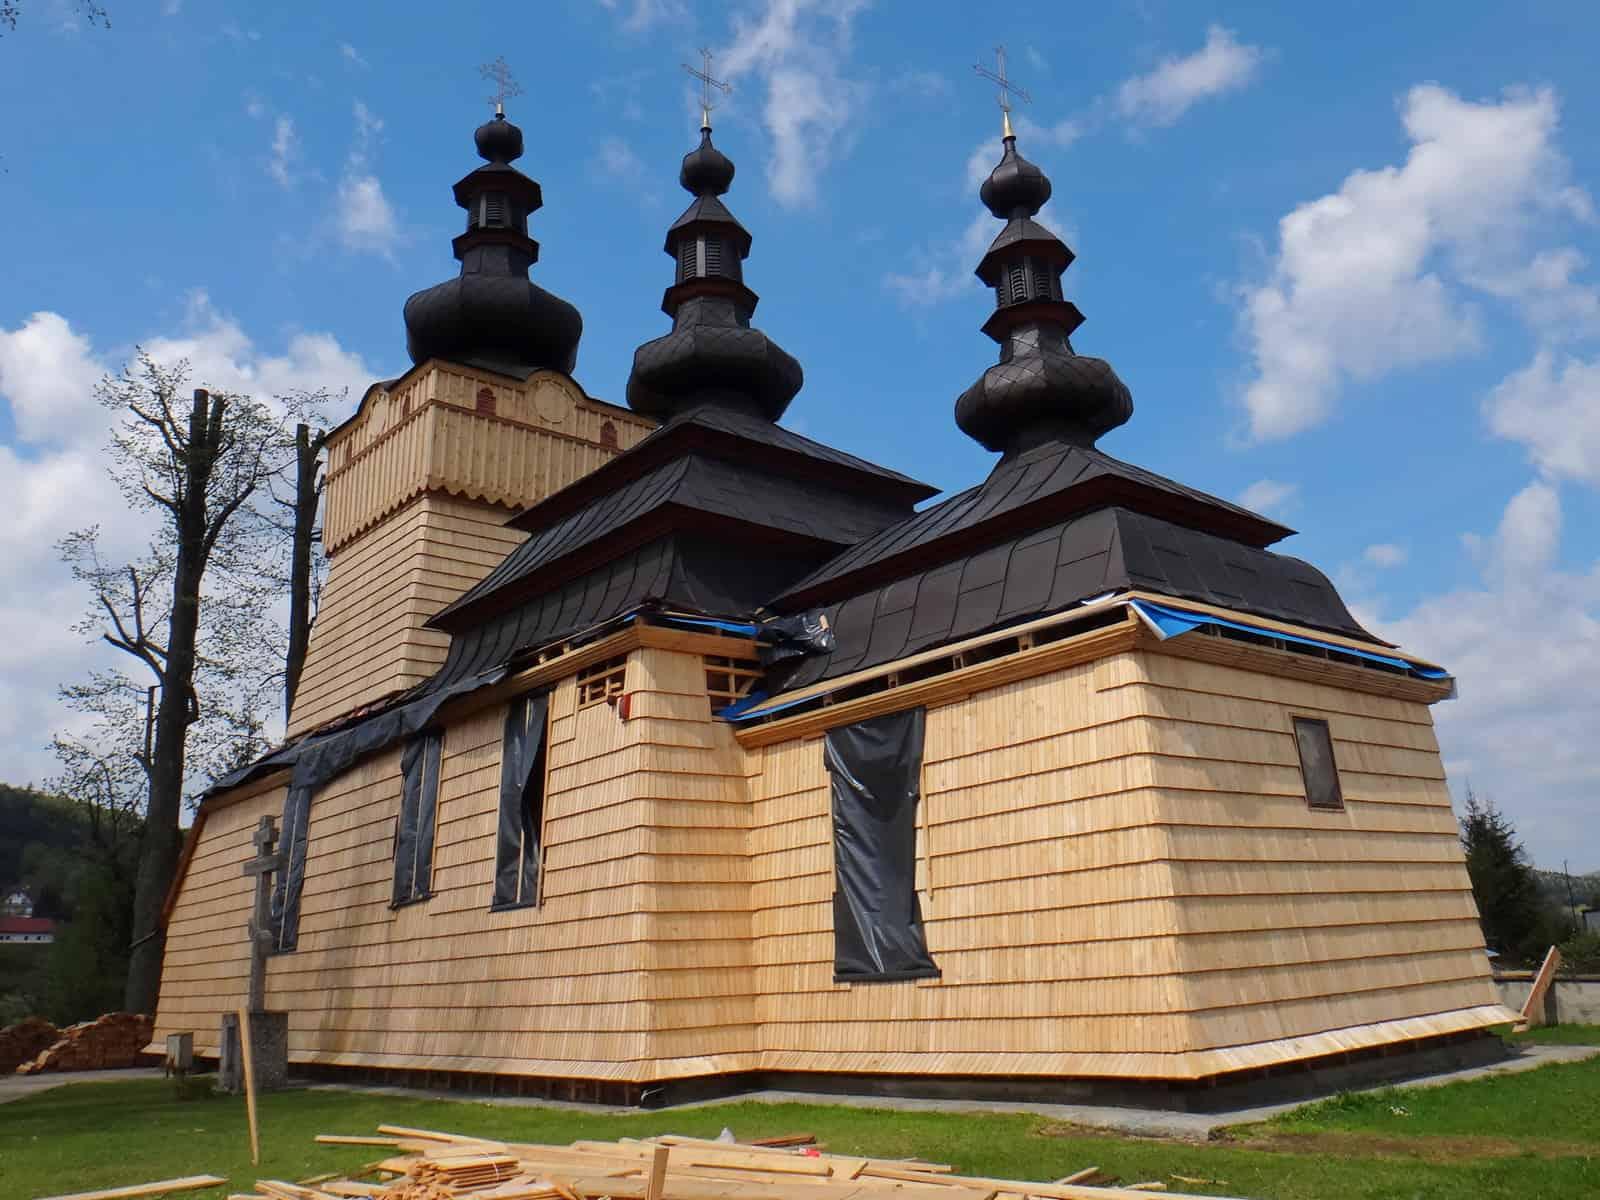 Prace przy renowacji ścian cerkwi w Wysowej.